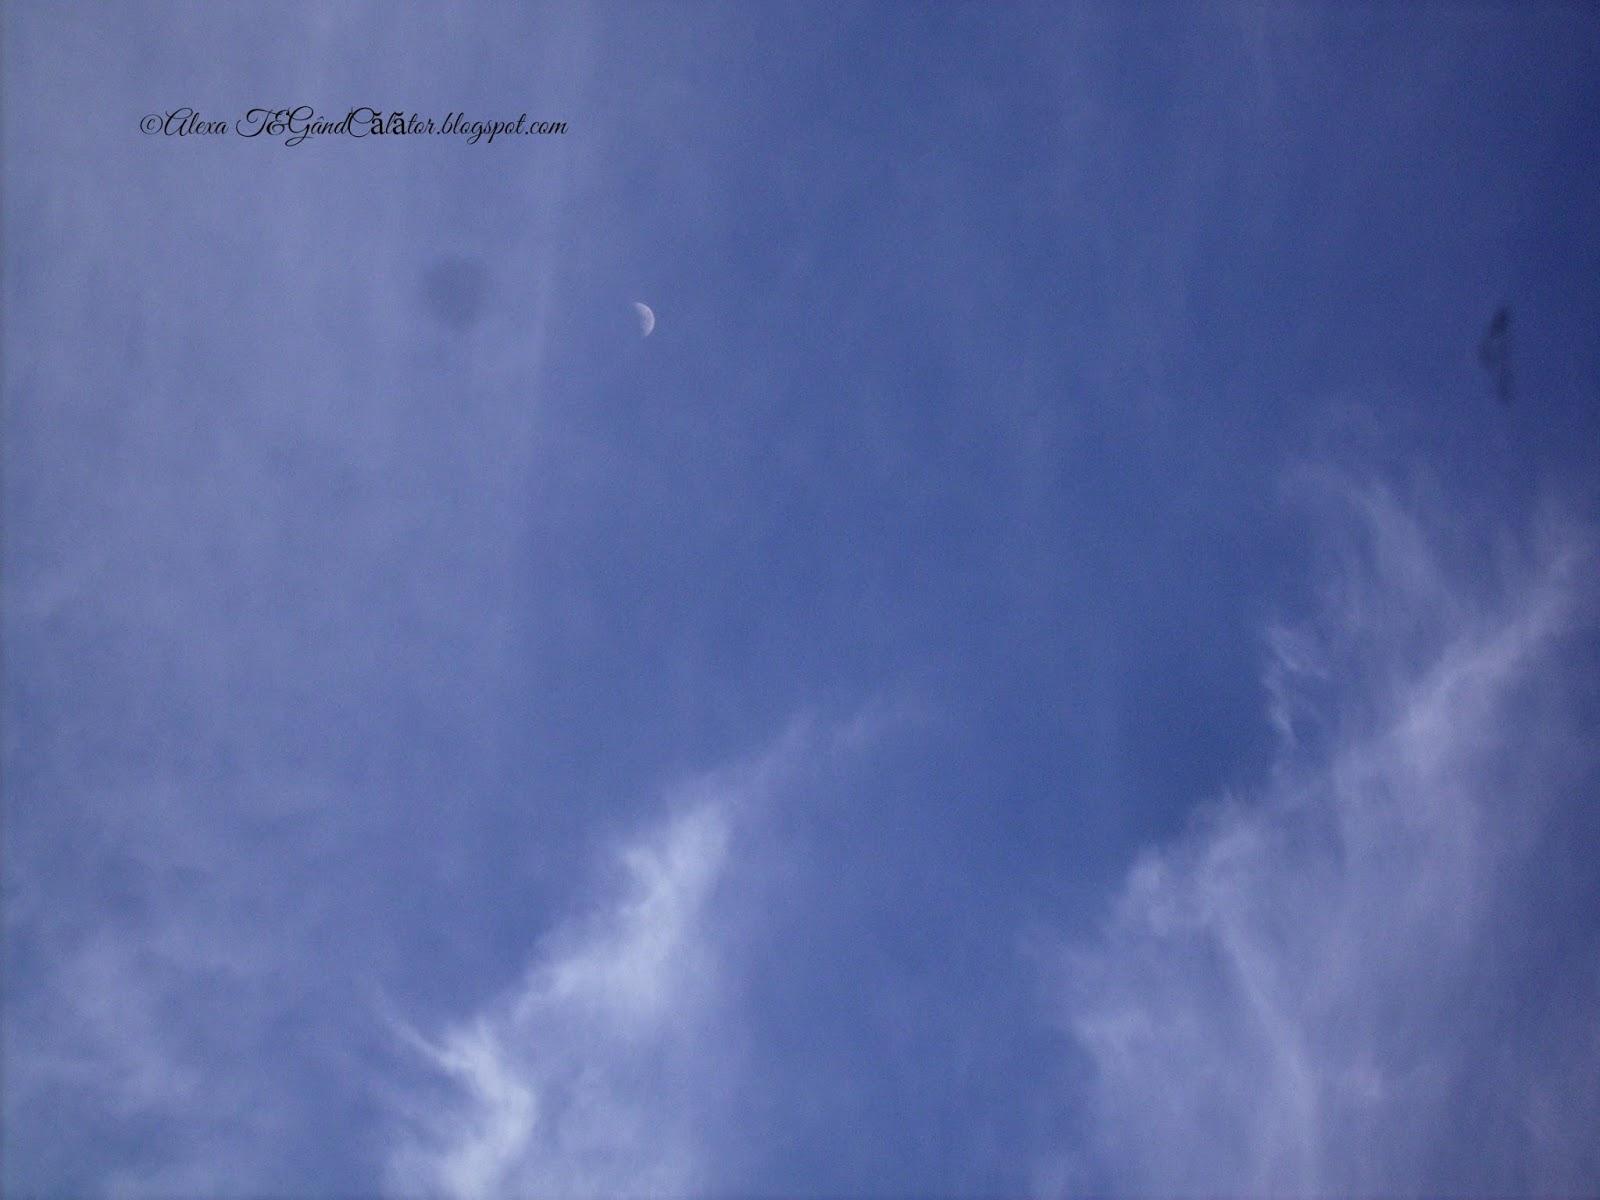 """First quarter of the moon. Primul patrar. """"Primul Pătrar - când Luna este la o elongatie (depărtare) de 90° est, față de Soare;  atunci vedem doar jumătate din discul lunar iluminat (jumatatea din dreapta).""""http://www.space.com/ """"Weather permitting, you can see this for yourself this week because the first quarter falls on Friday (March 27) at 3:43 a.m. EDT (0743 GMT)."""""""